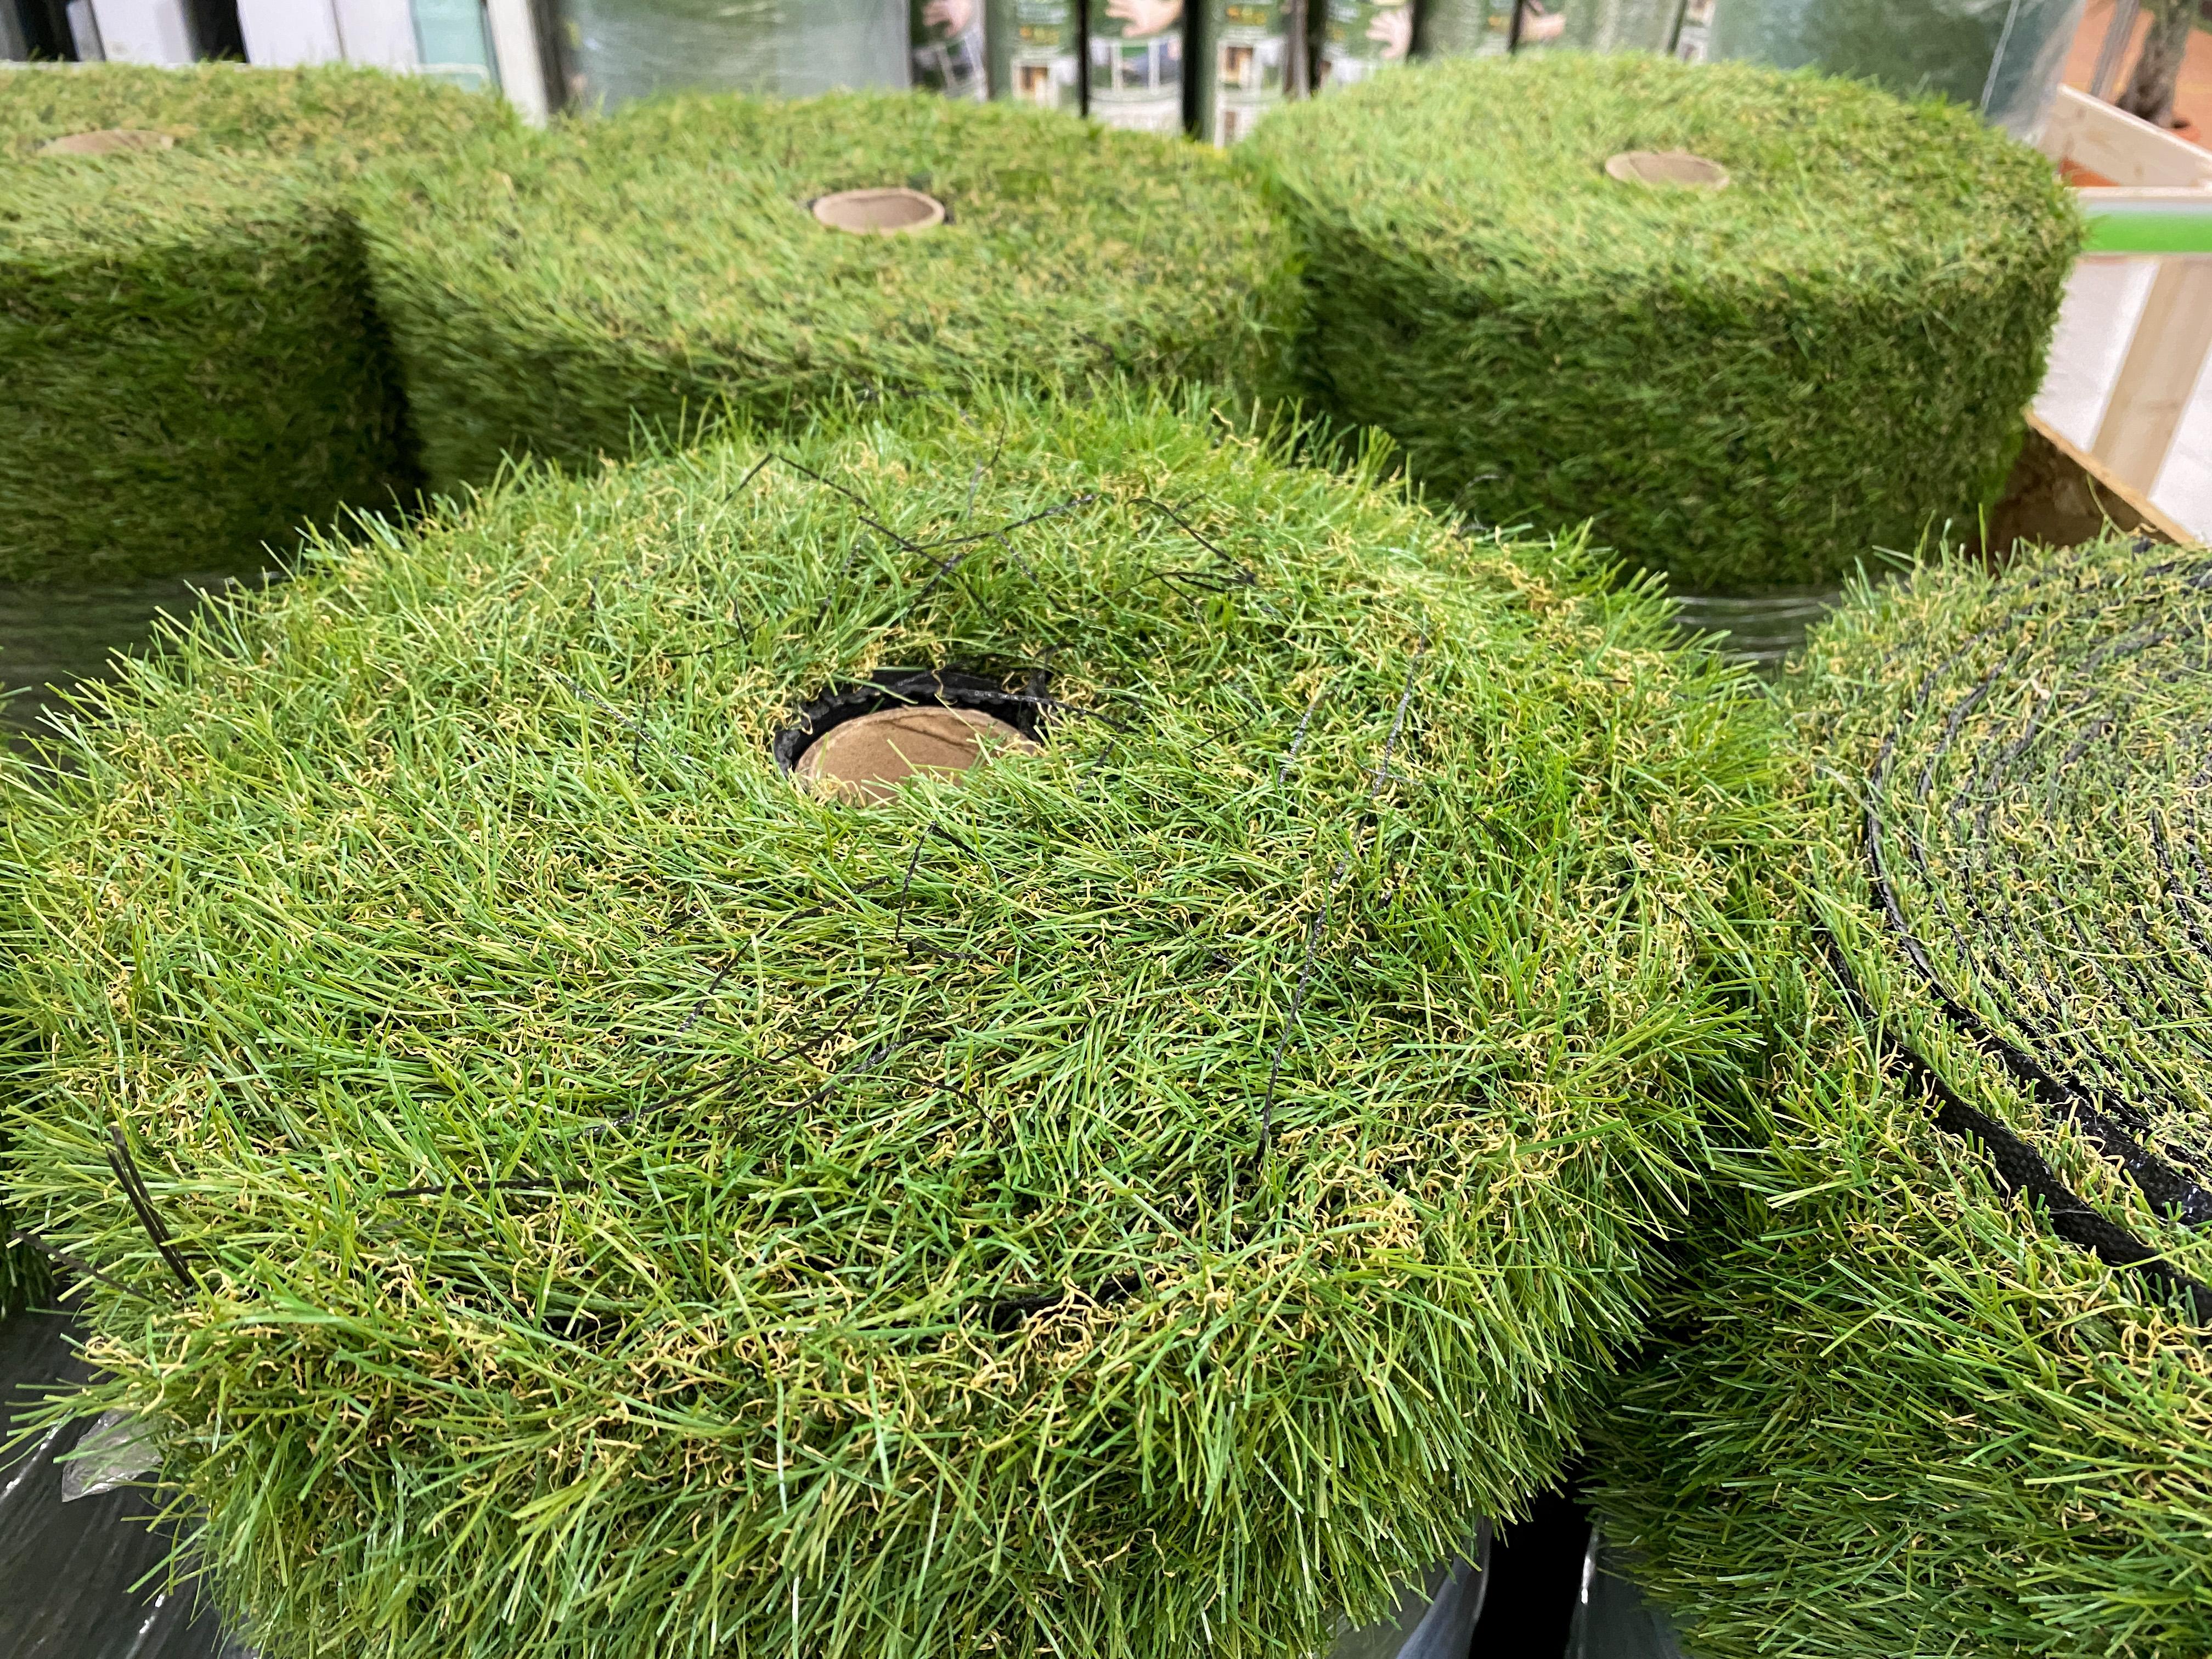 ホームセンターで売られている人工芝